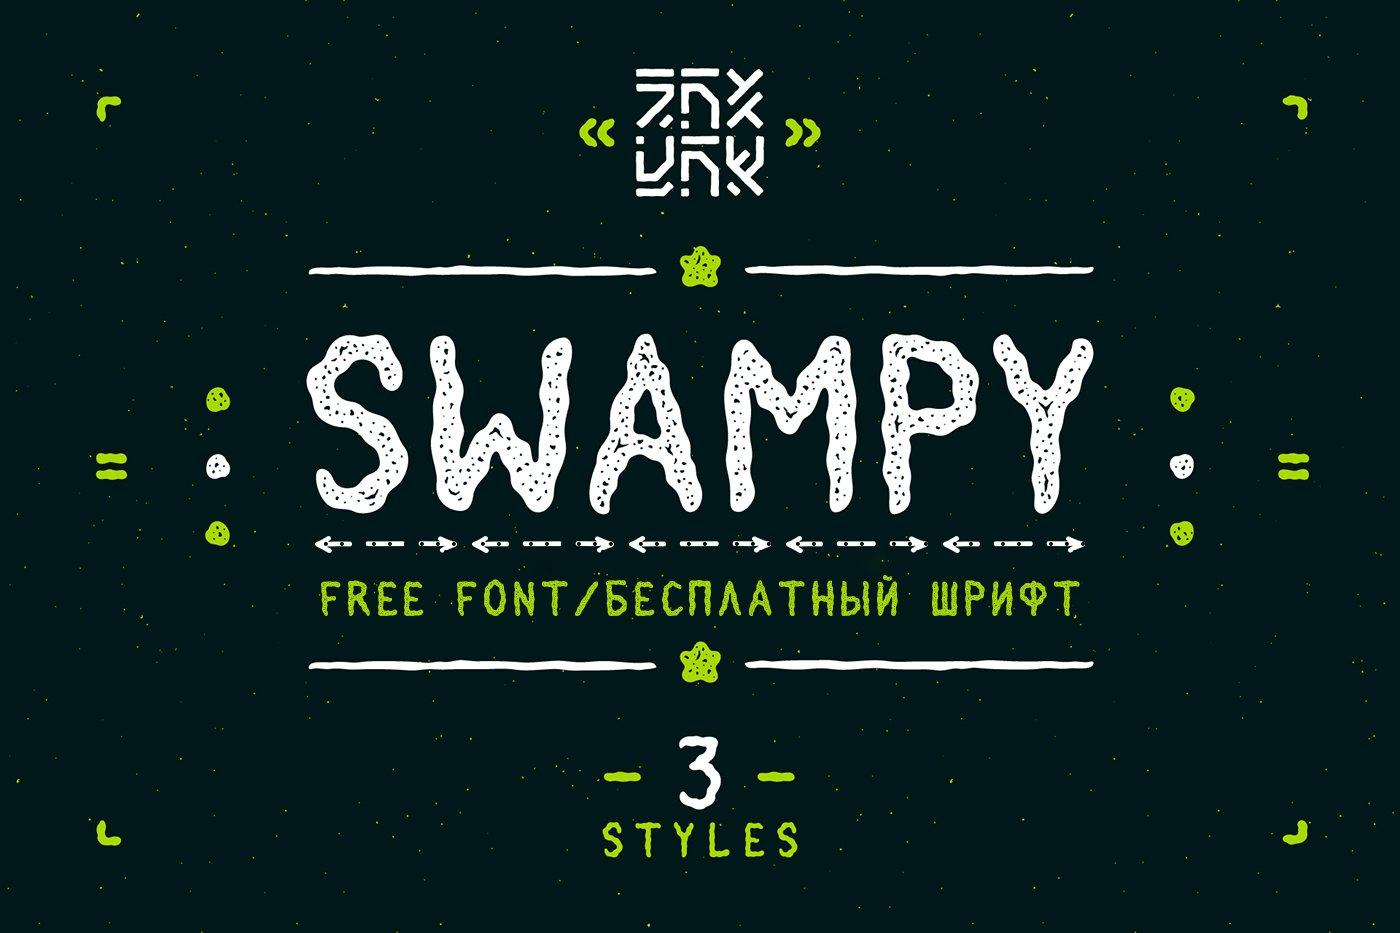 Шрифт Swampy 3 стиля с кириллицей скачать